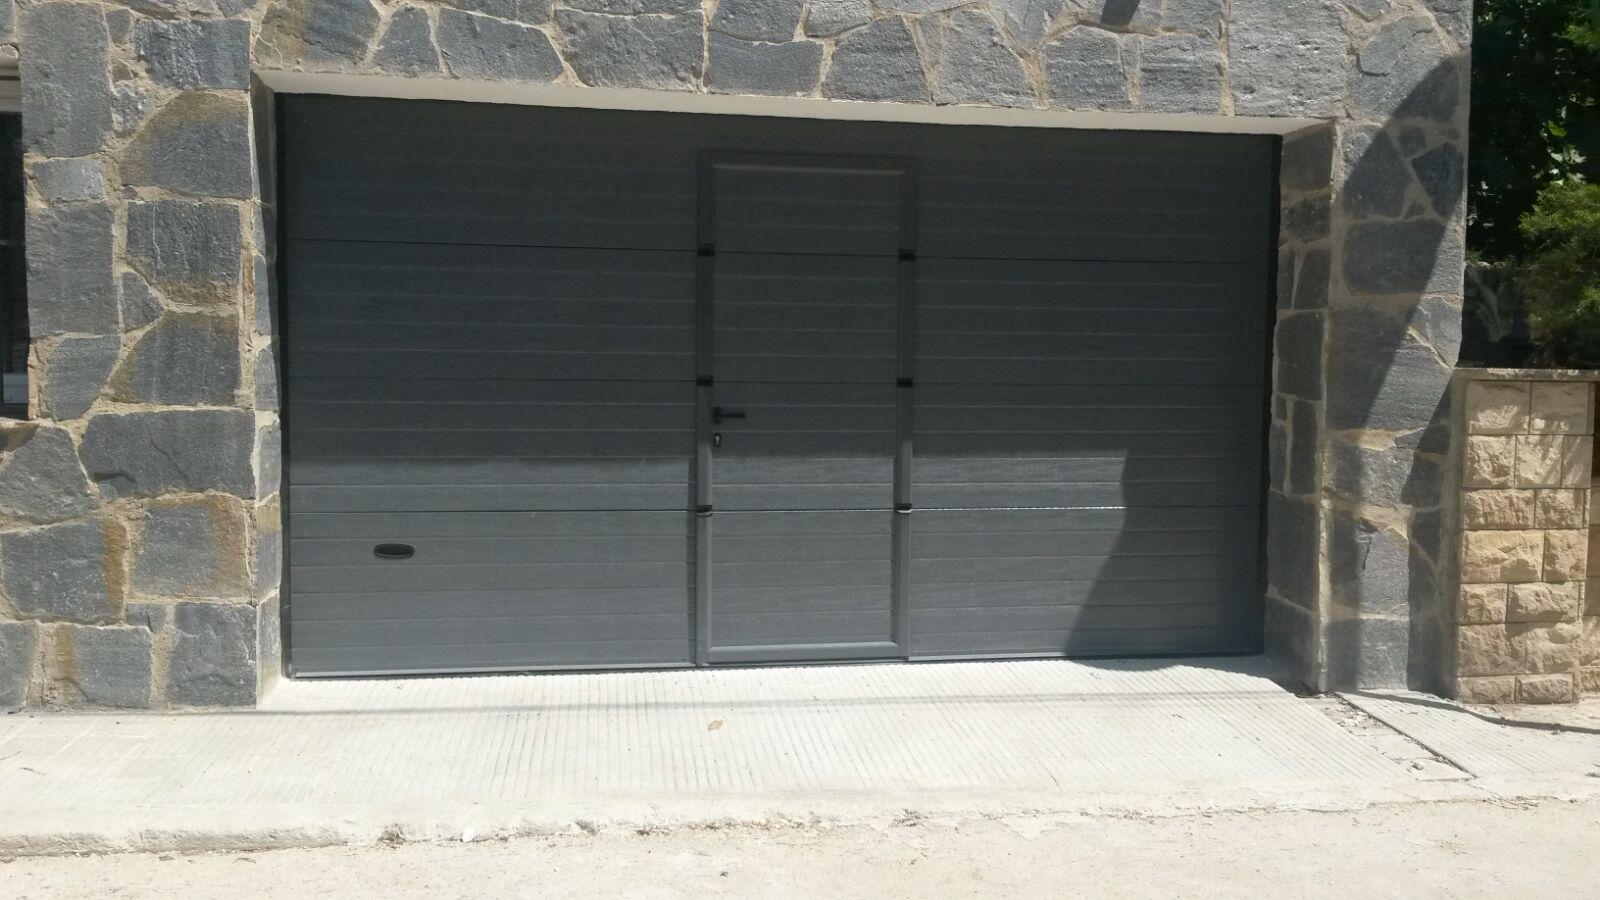 puerta seccional c/peatonal